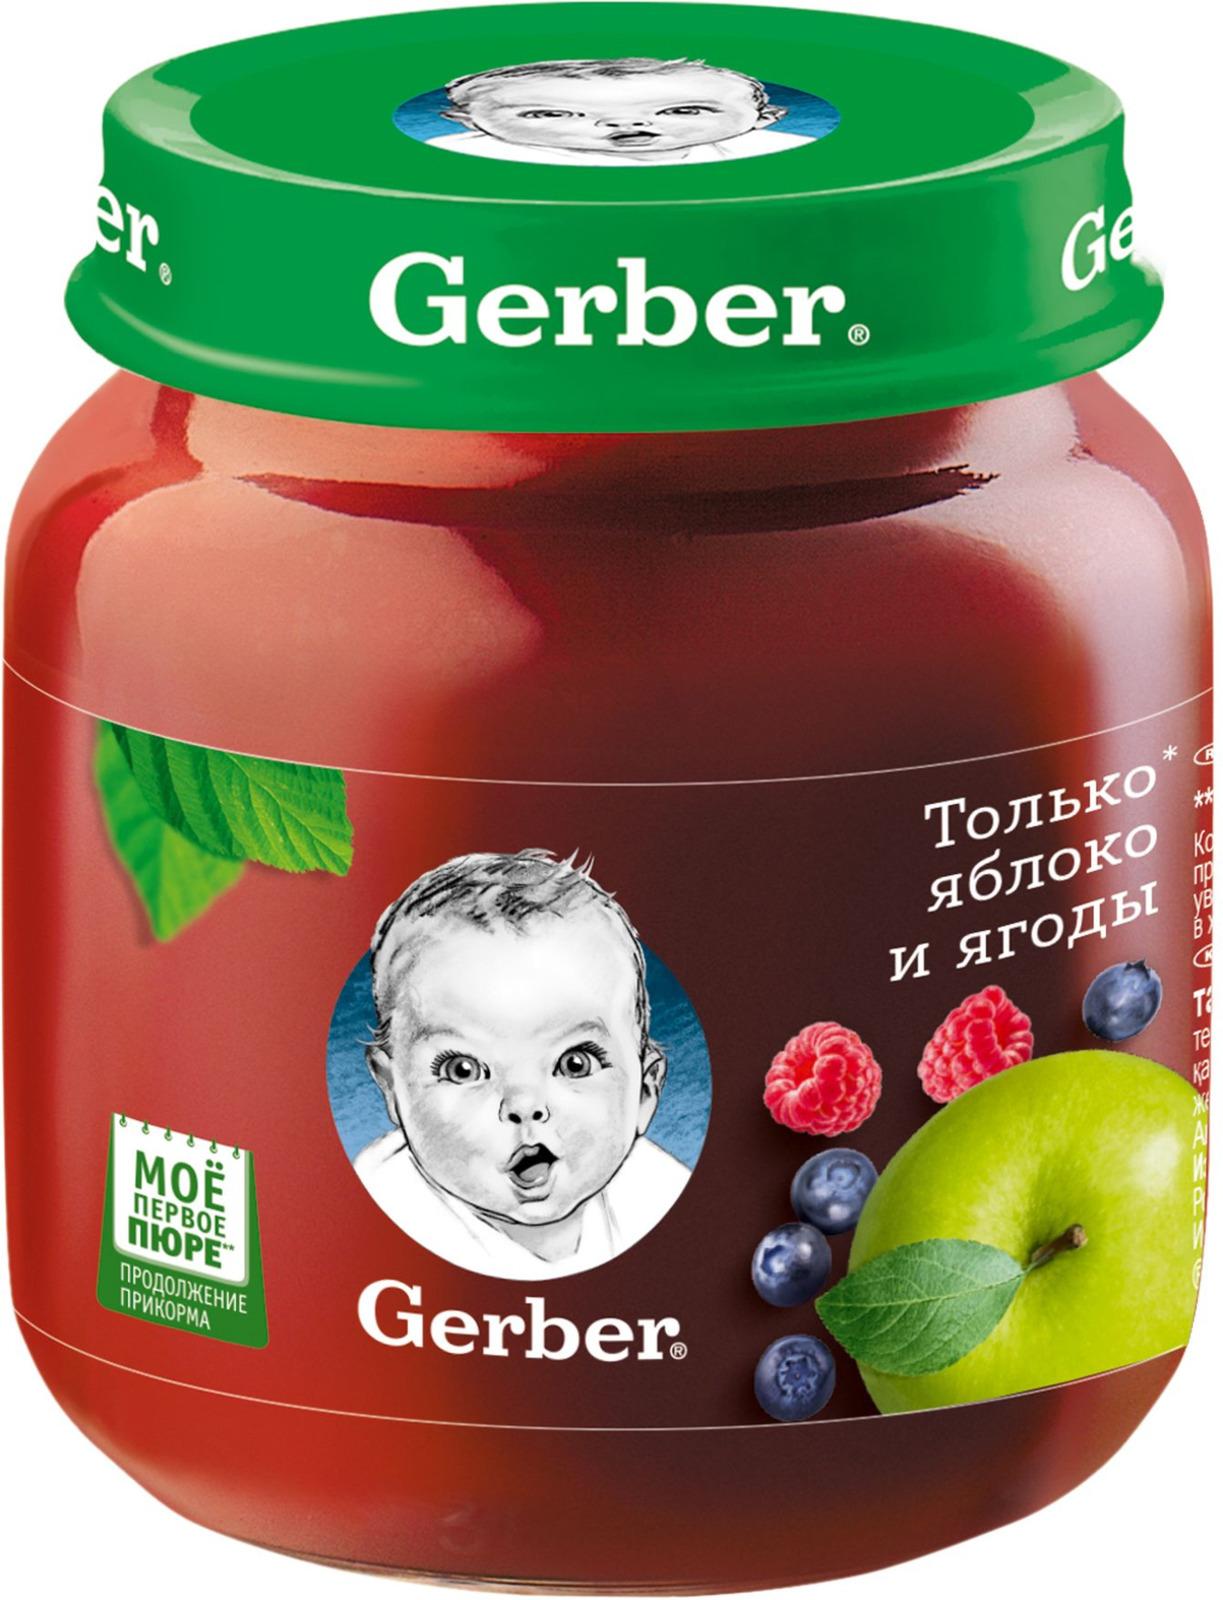 Gerber пюре яблоко с лесными я годами, 130 г пюре gerber organic тыква и сладкий картофель с 5 мес 125 г